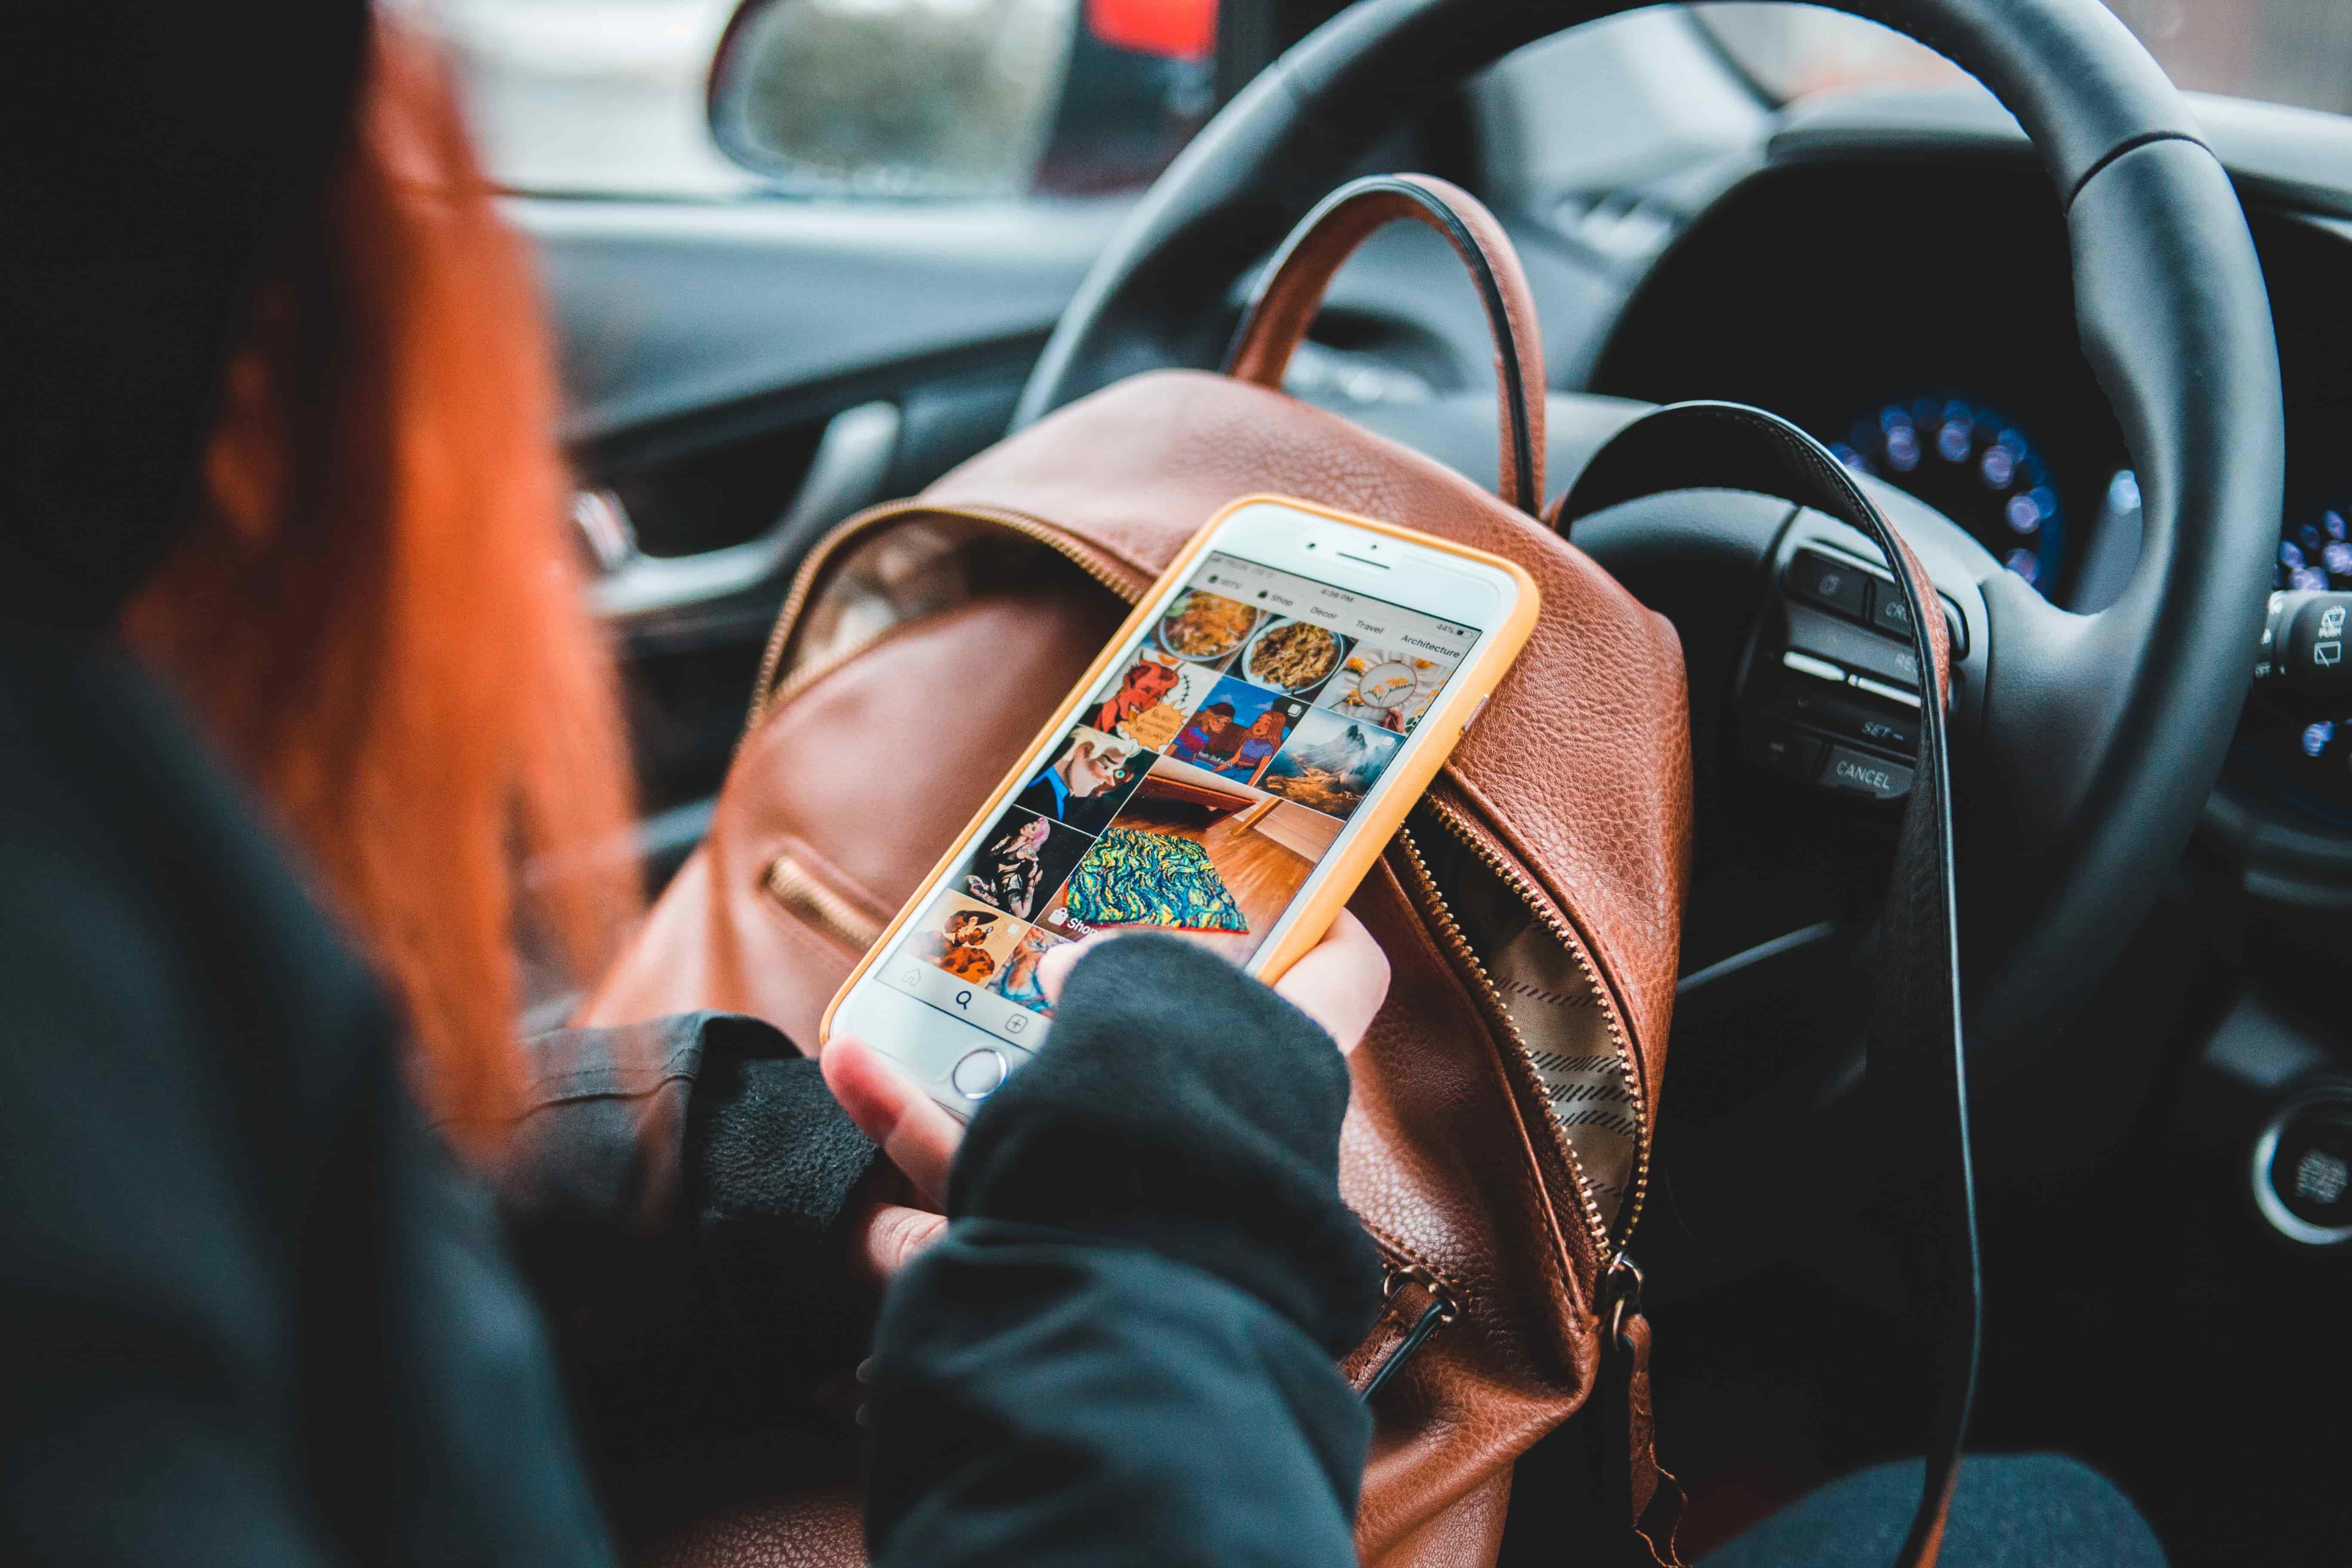 La NHTSA annonce qu'avril 2021 sera le mois de la sensibilisation aux distractions au volant